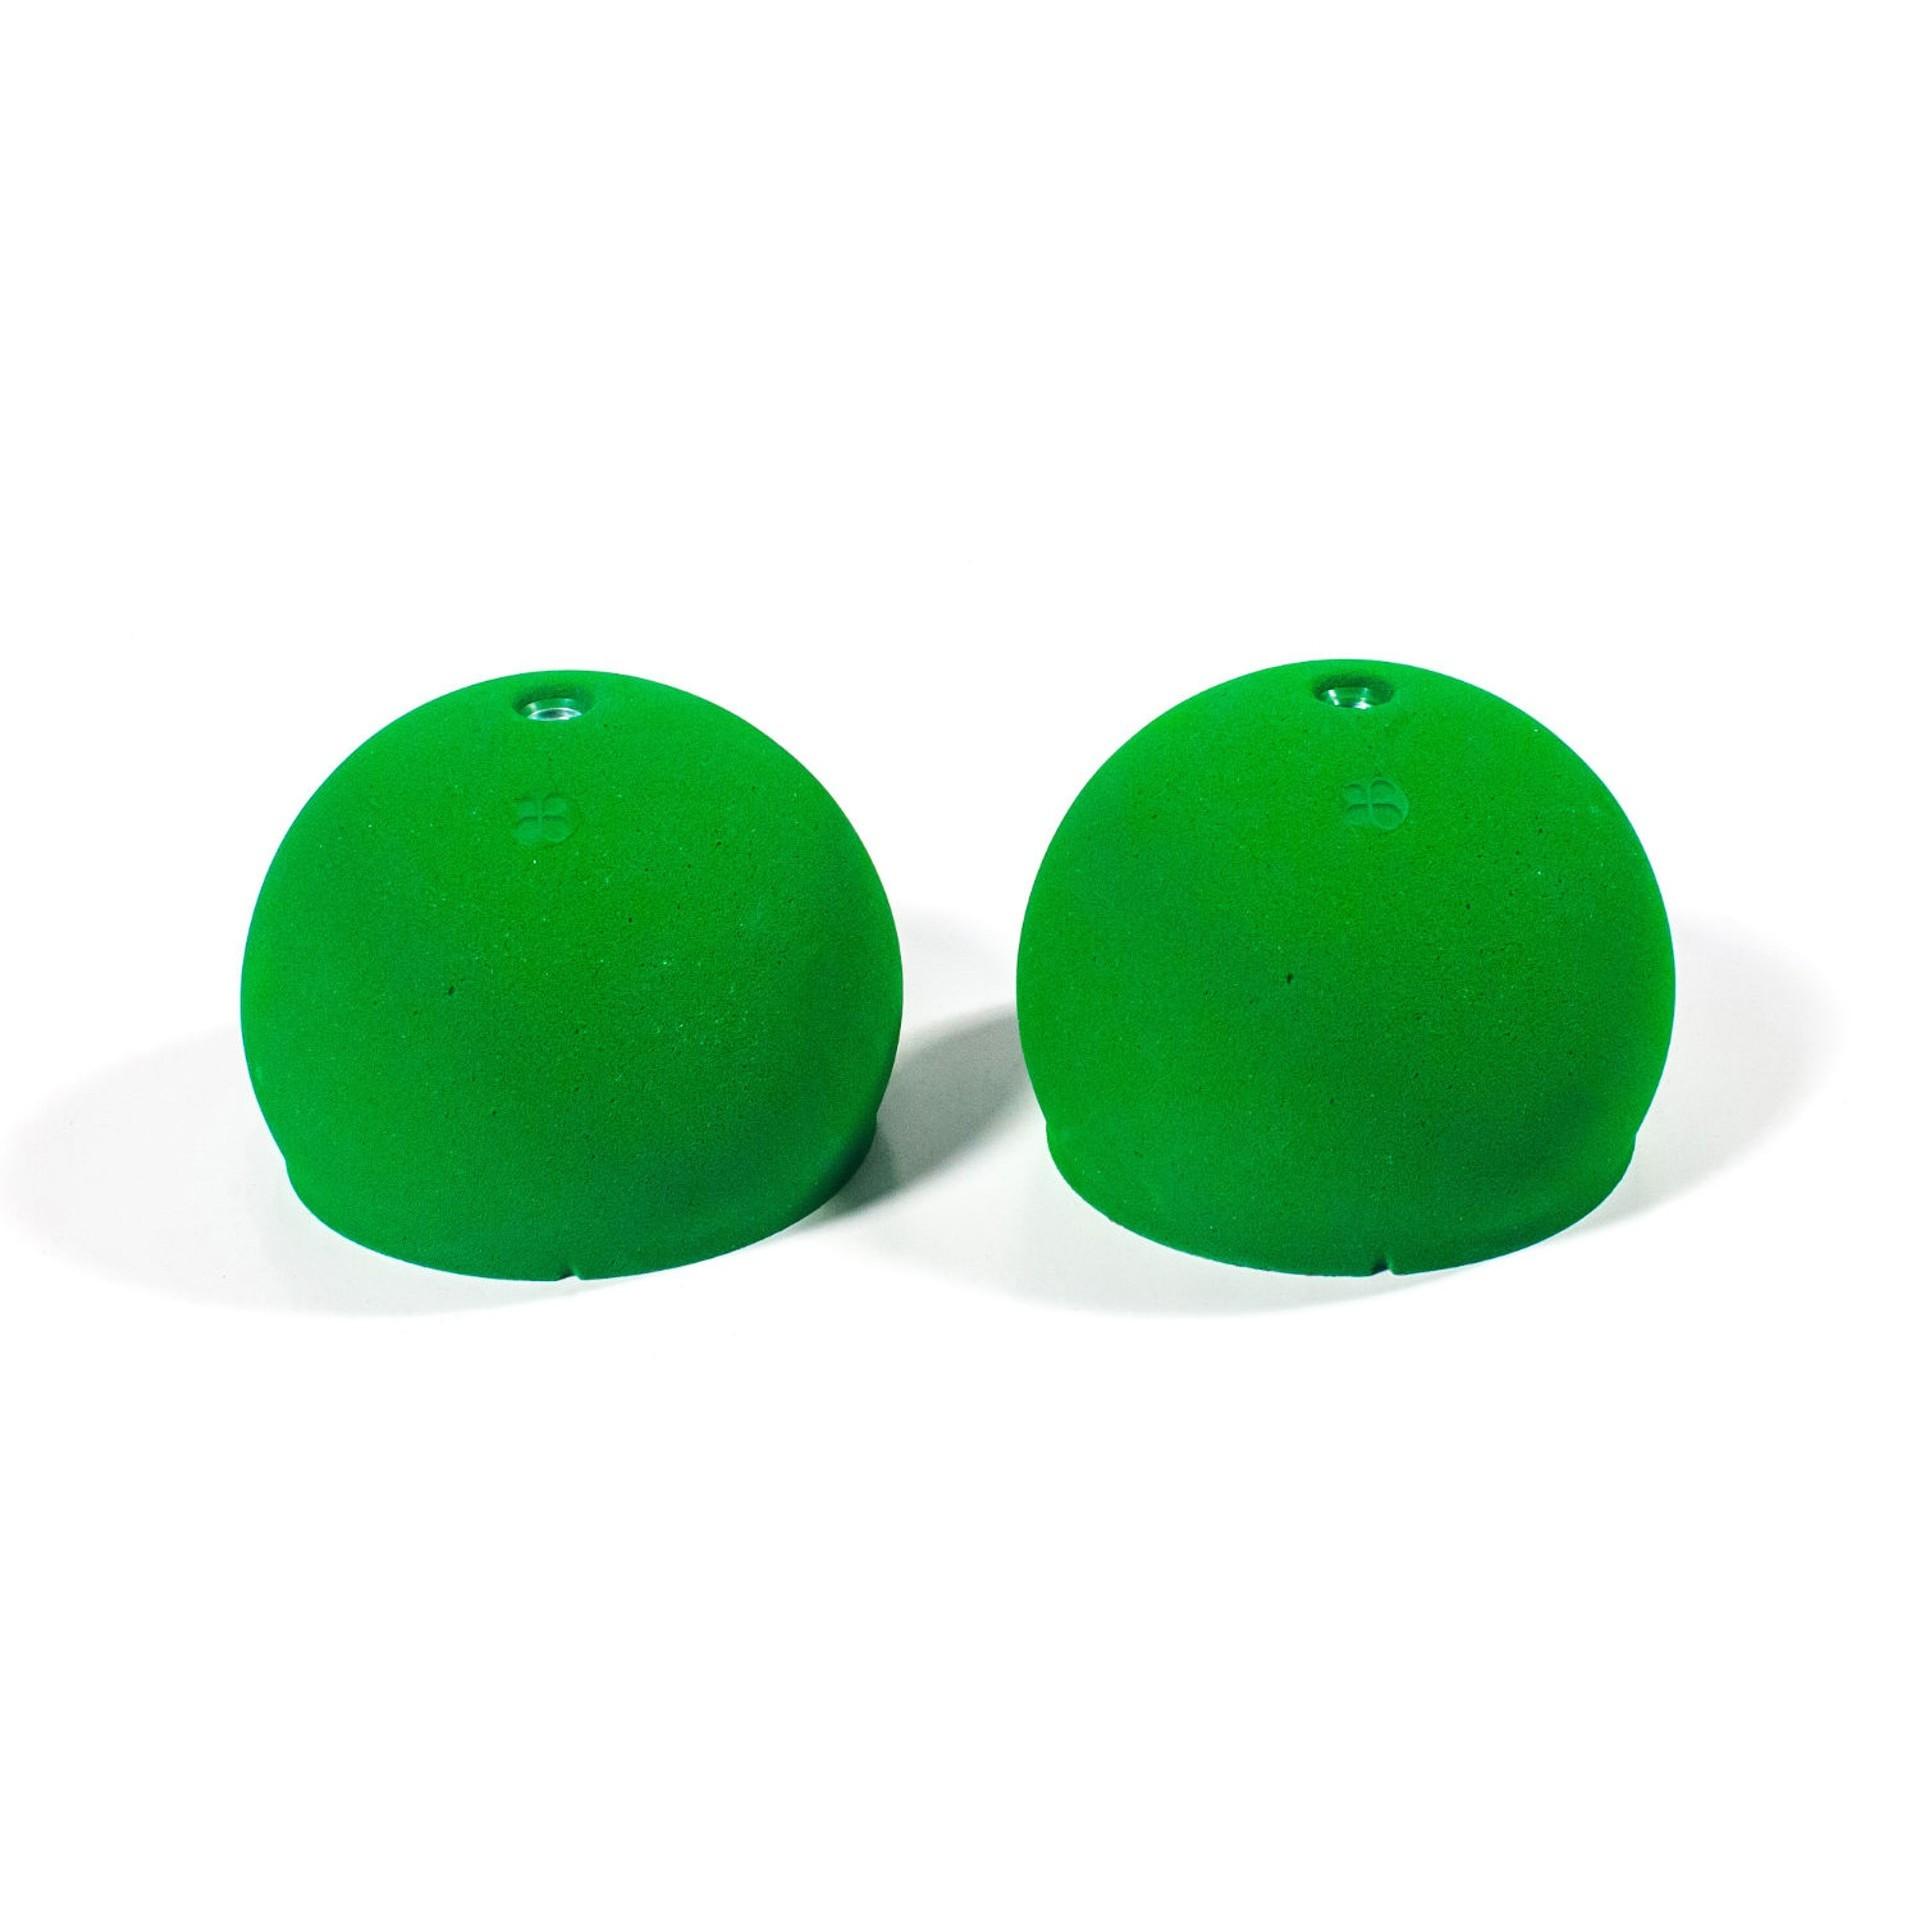 Balls 03 - Holds.fr